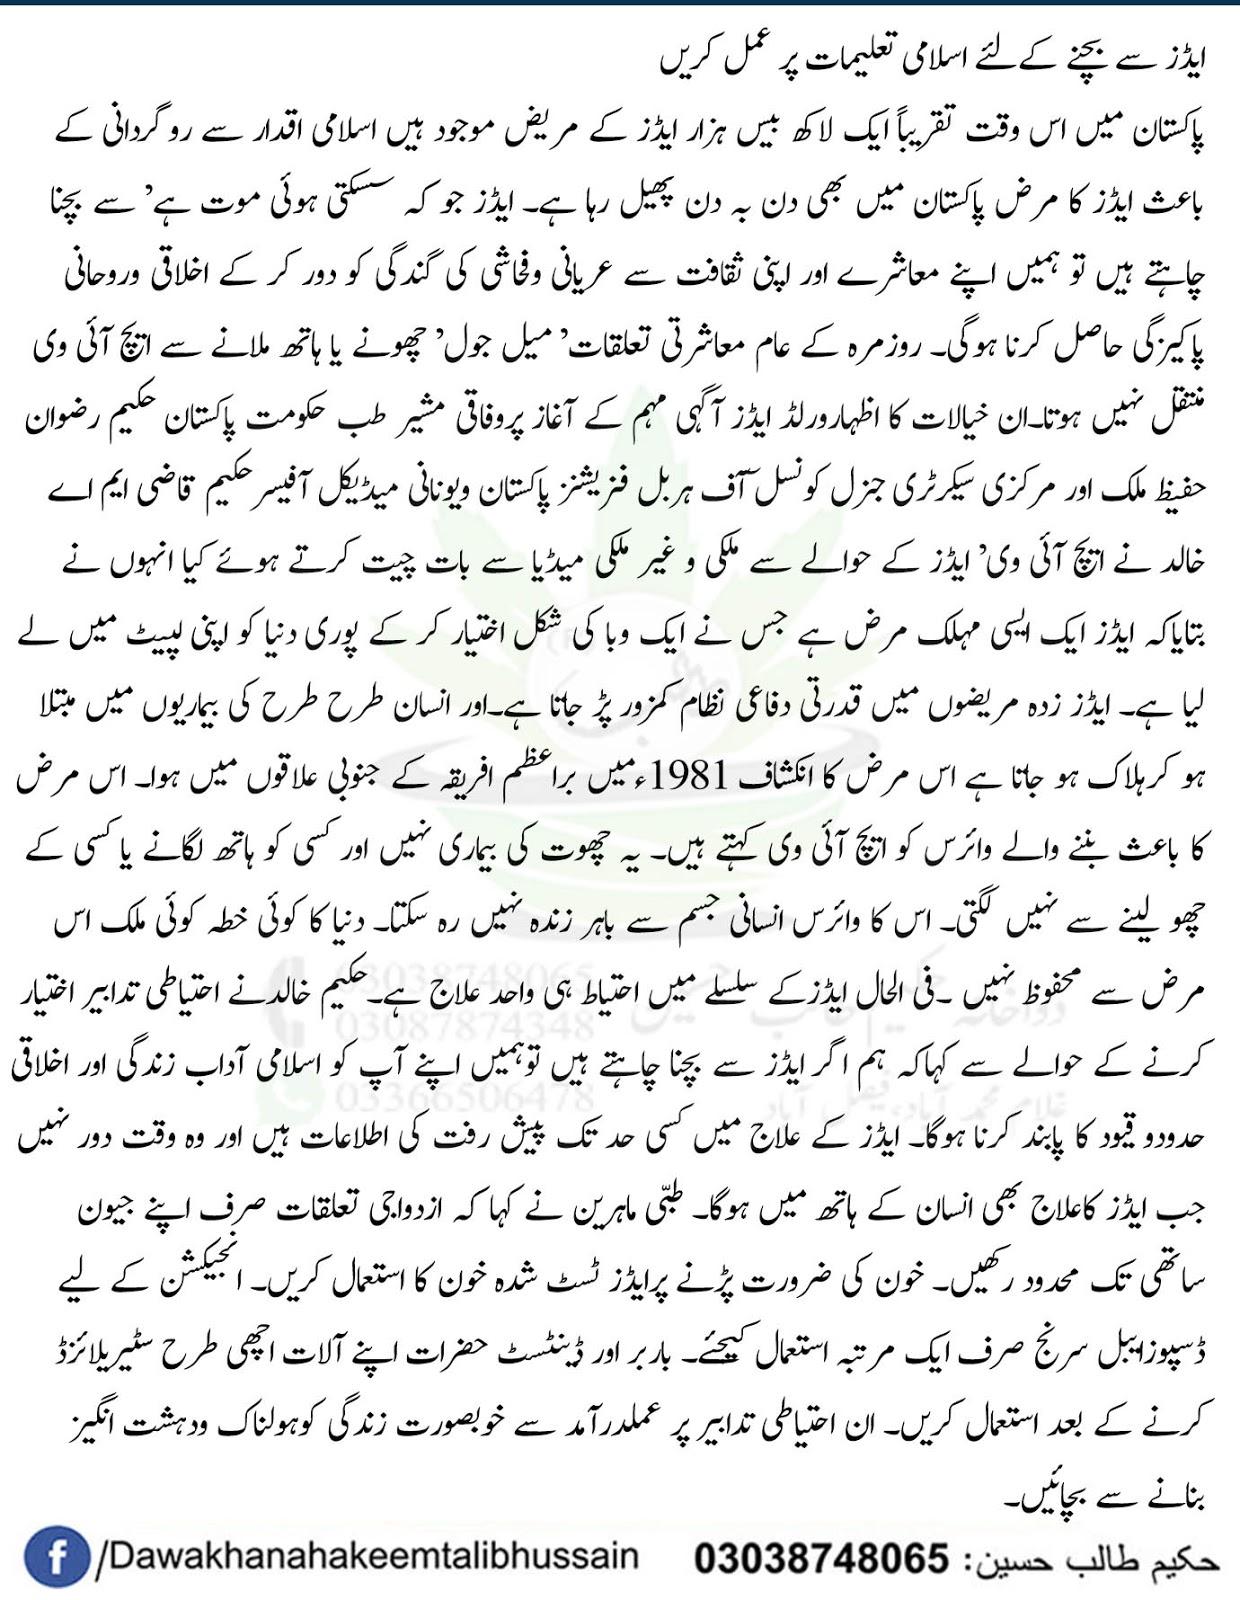 Hiv Aids And Islam Read In Urdu Dawakhana Hakeem Talib Hussain